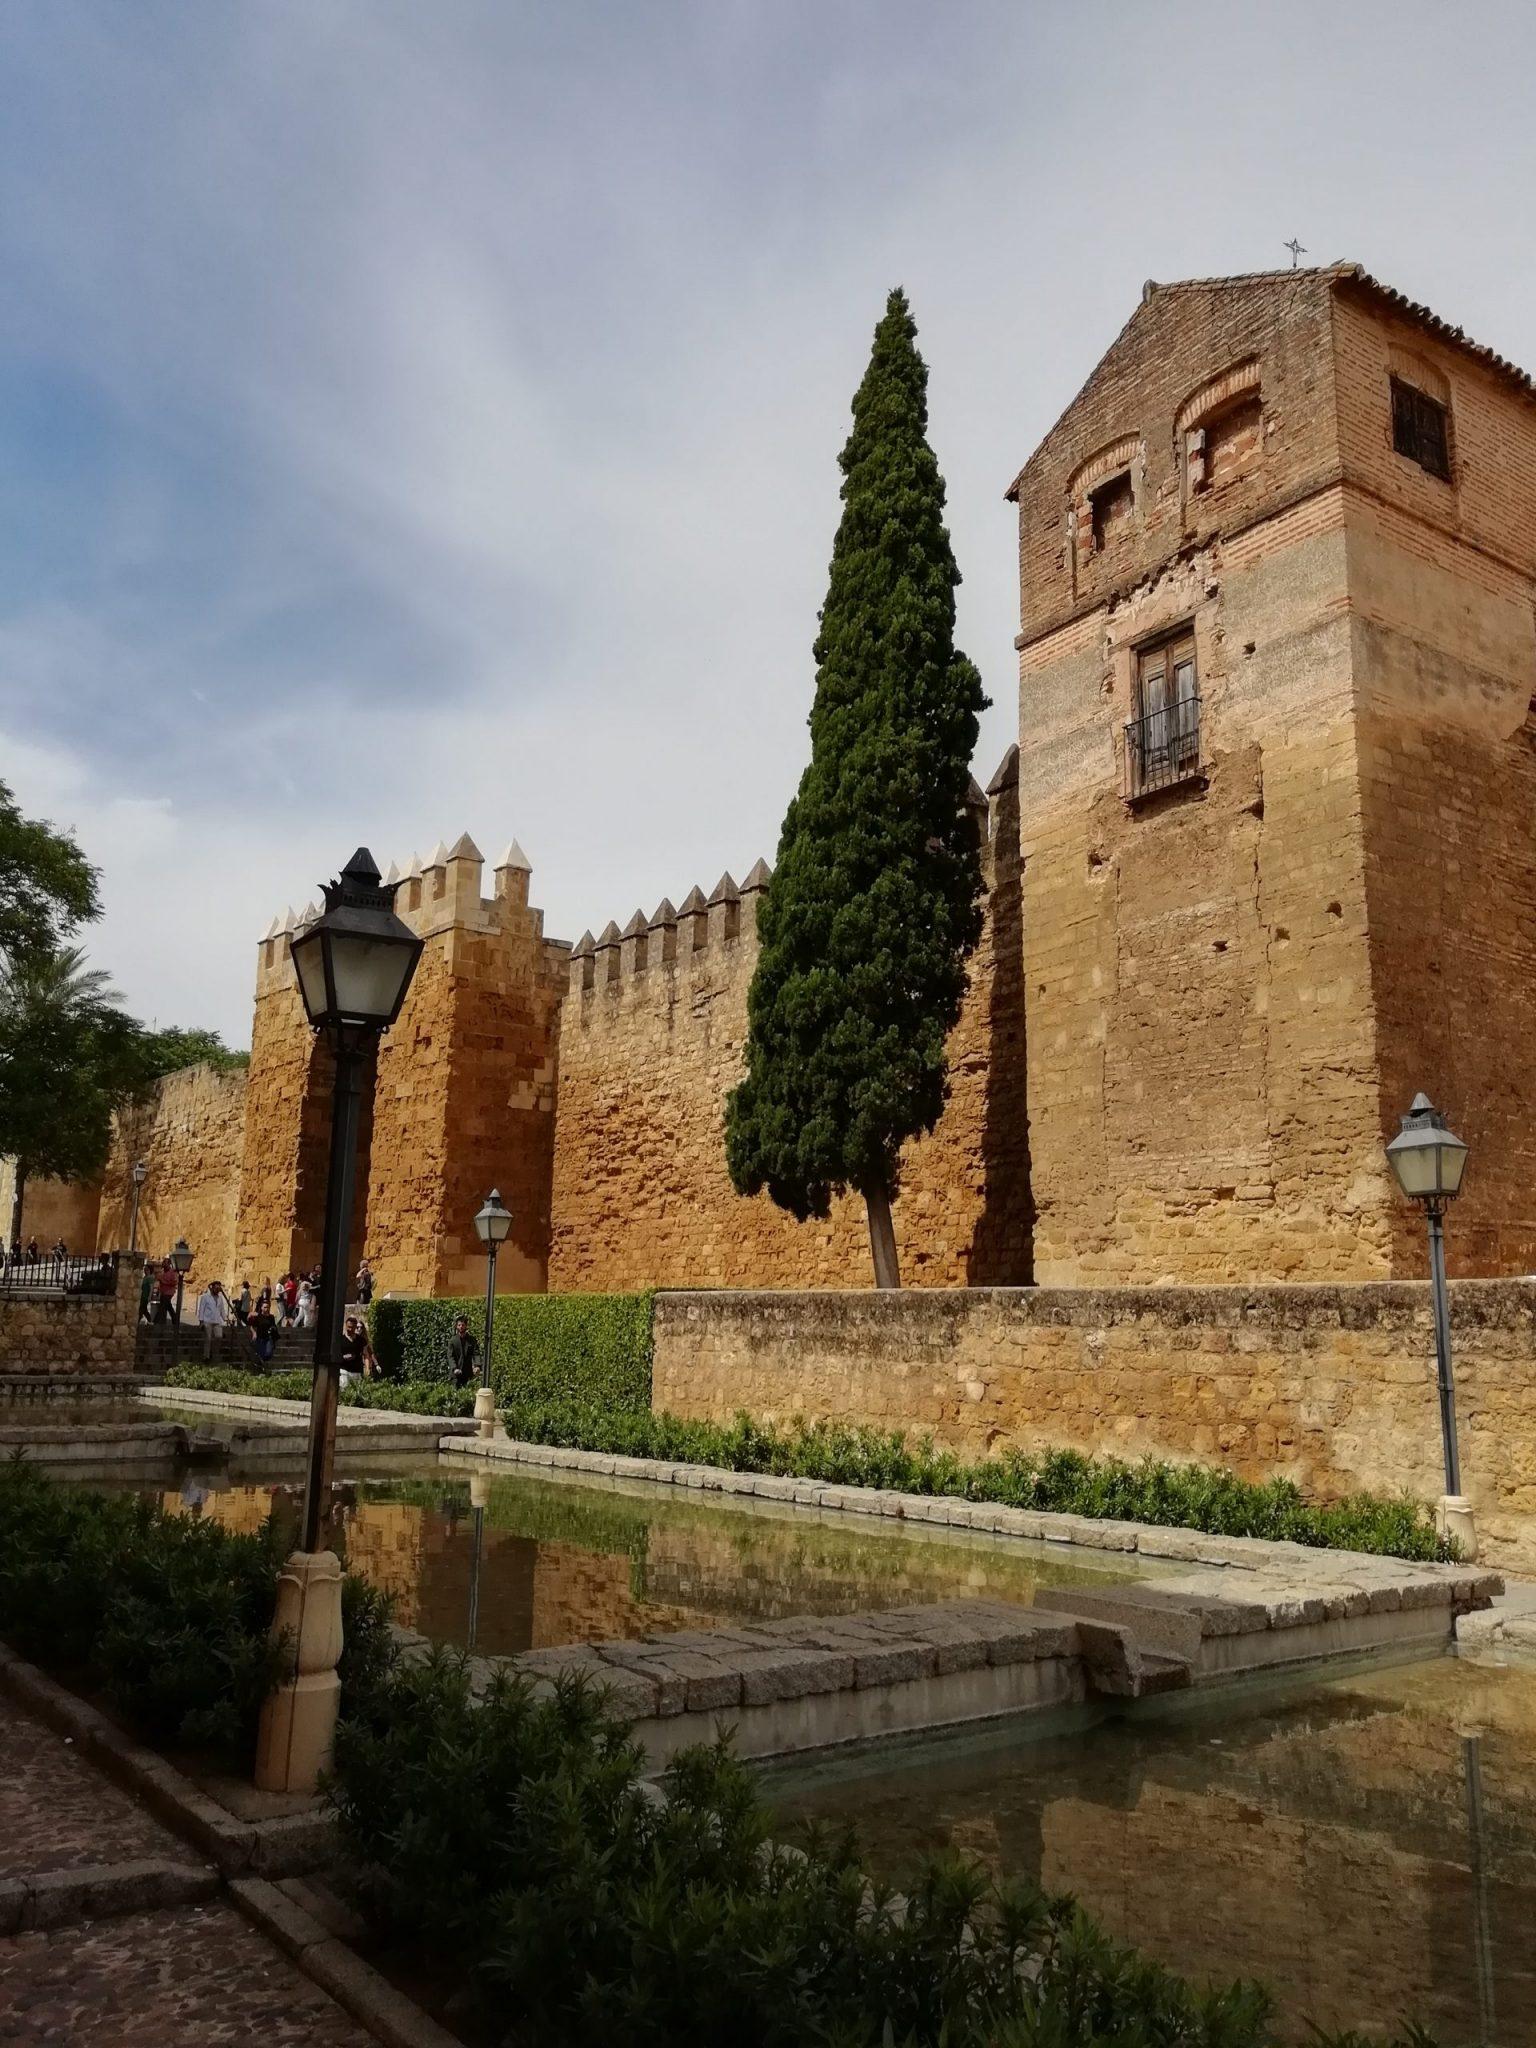 Muralla y jardines junto a la Puerta de Almodóvar.